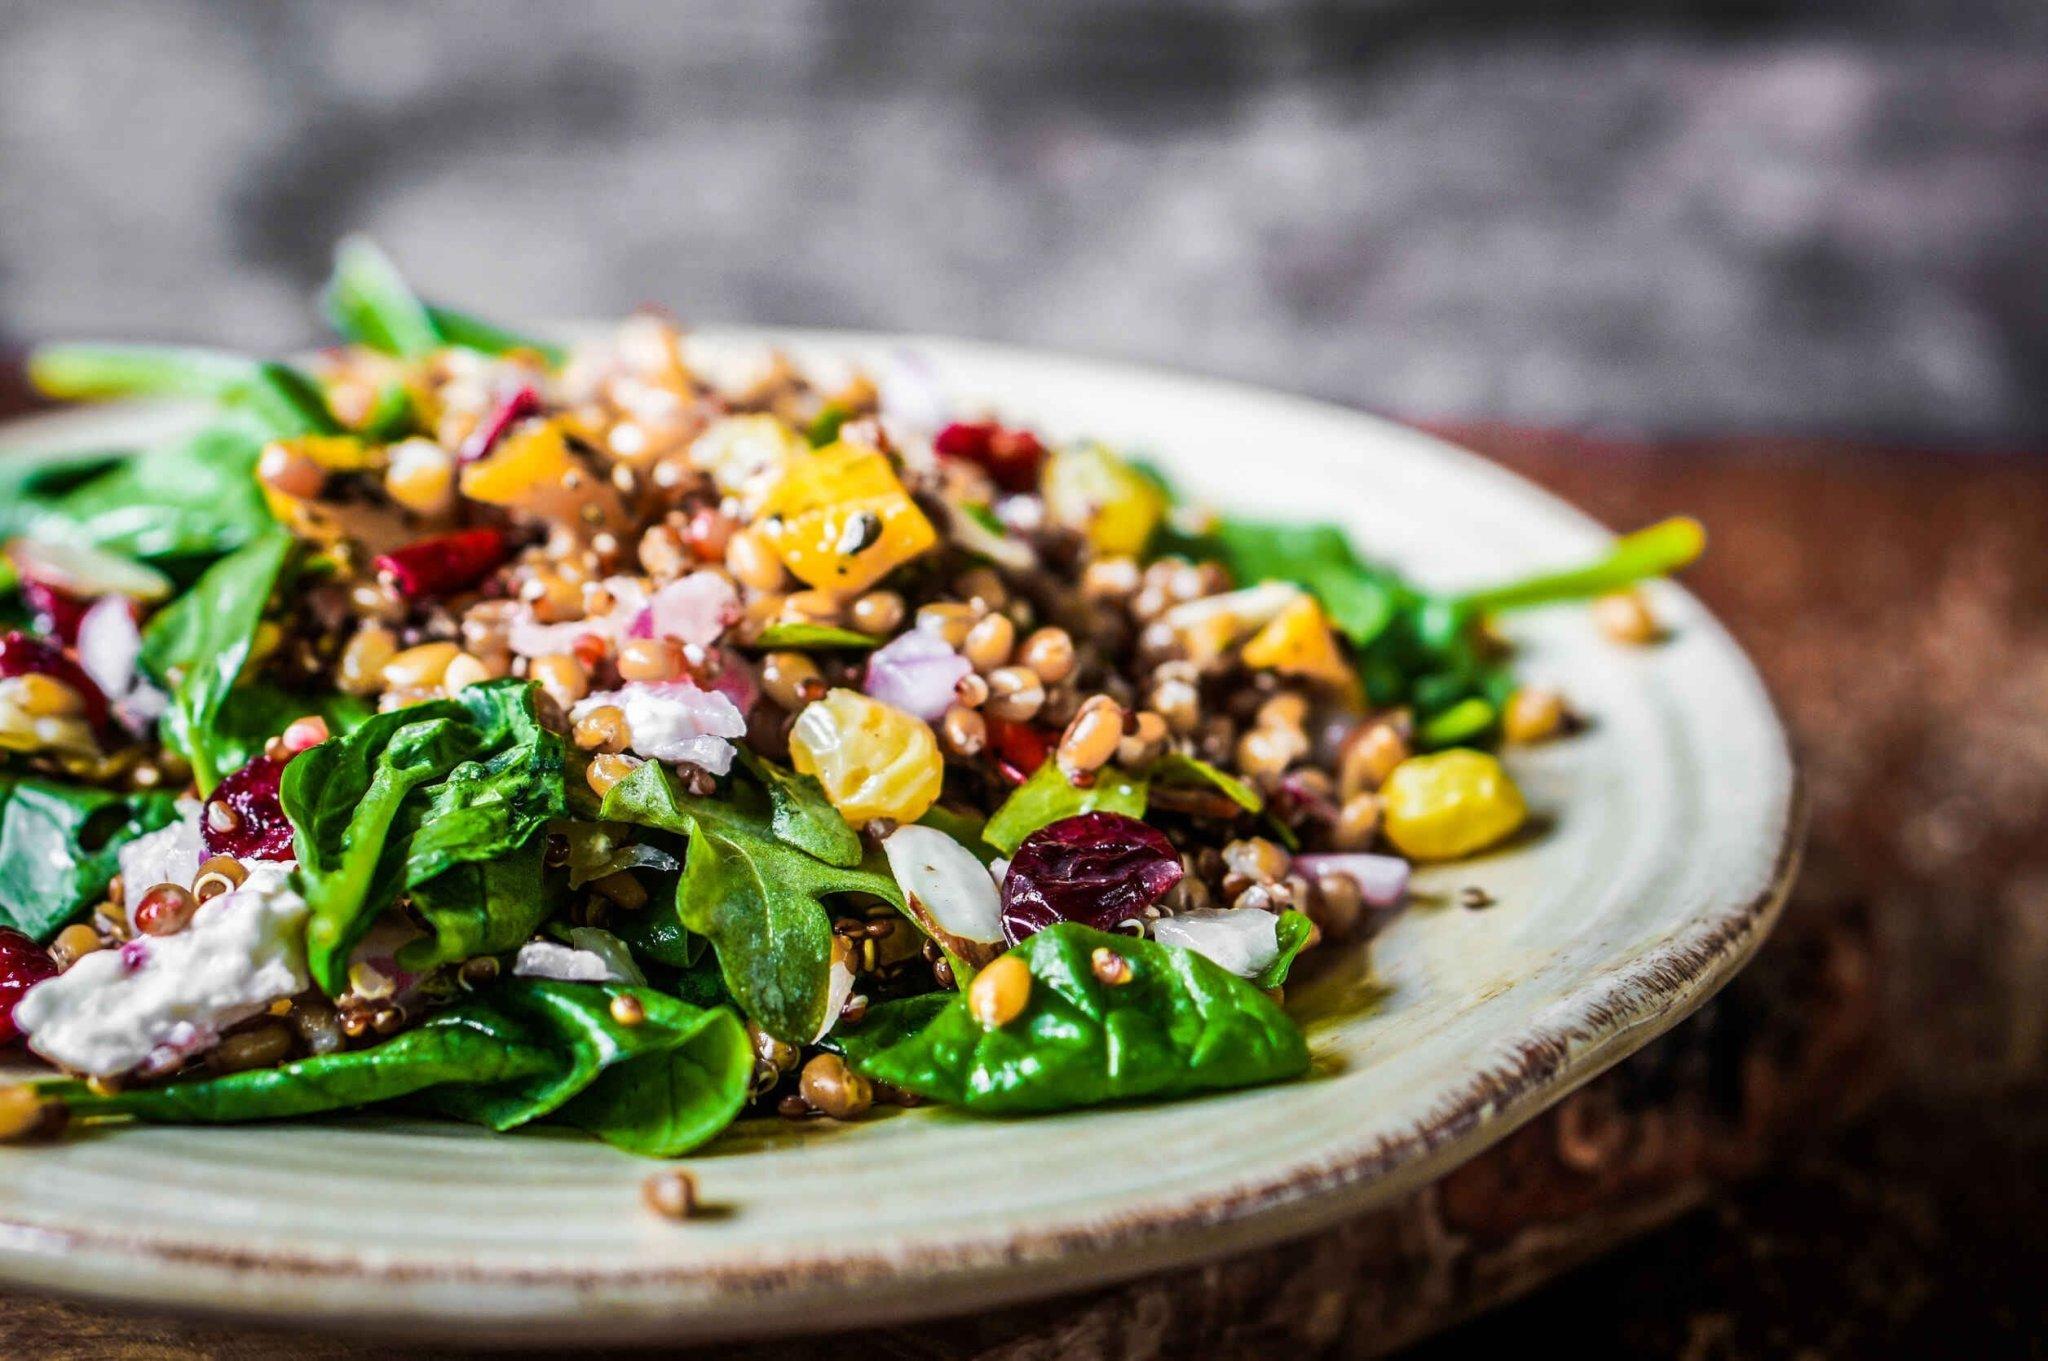 London Named World's Best City For Vegetarian Dining